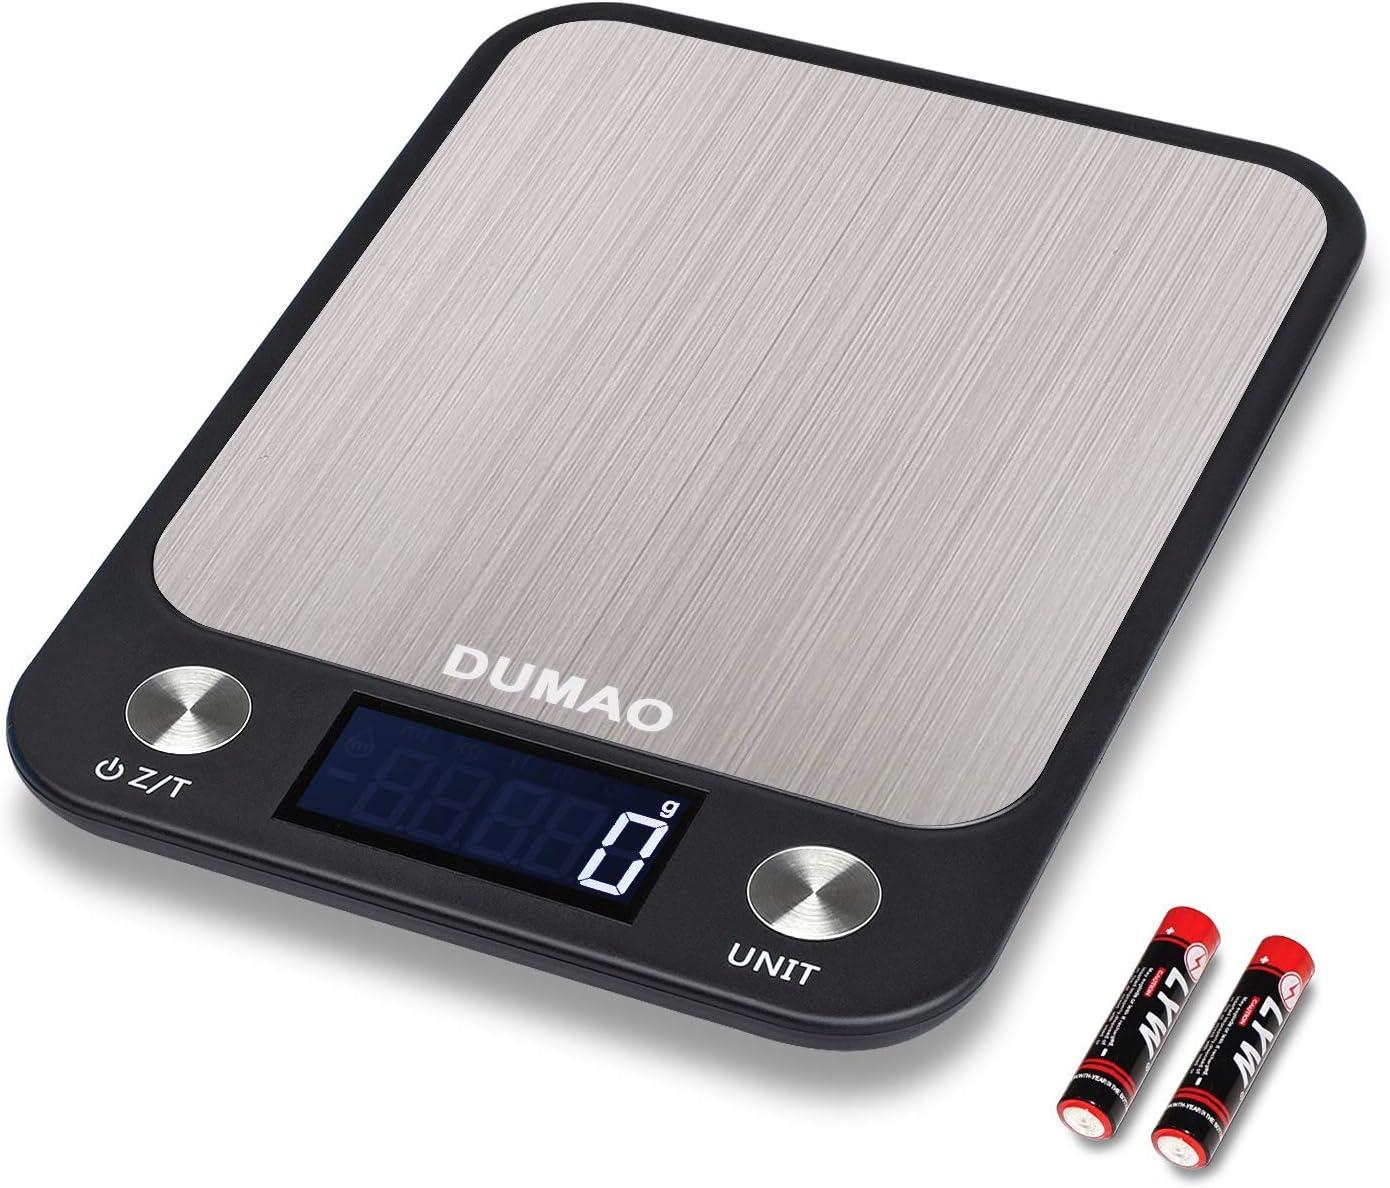 DUMAO Bilancia da Cucina Digitale Multifunzione ad Alta Precisione con LCD Alimentari Elettronica Rimozione Tara Superficie in Acciaio Inox